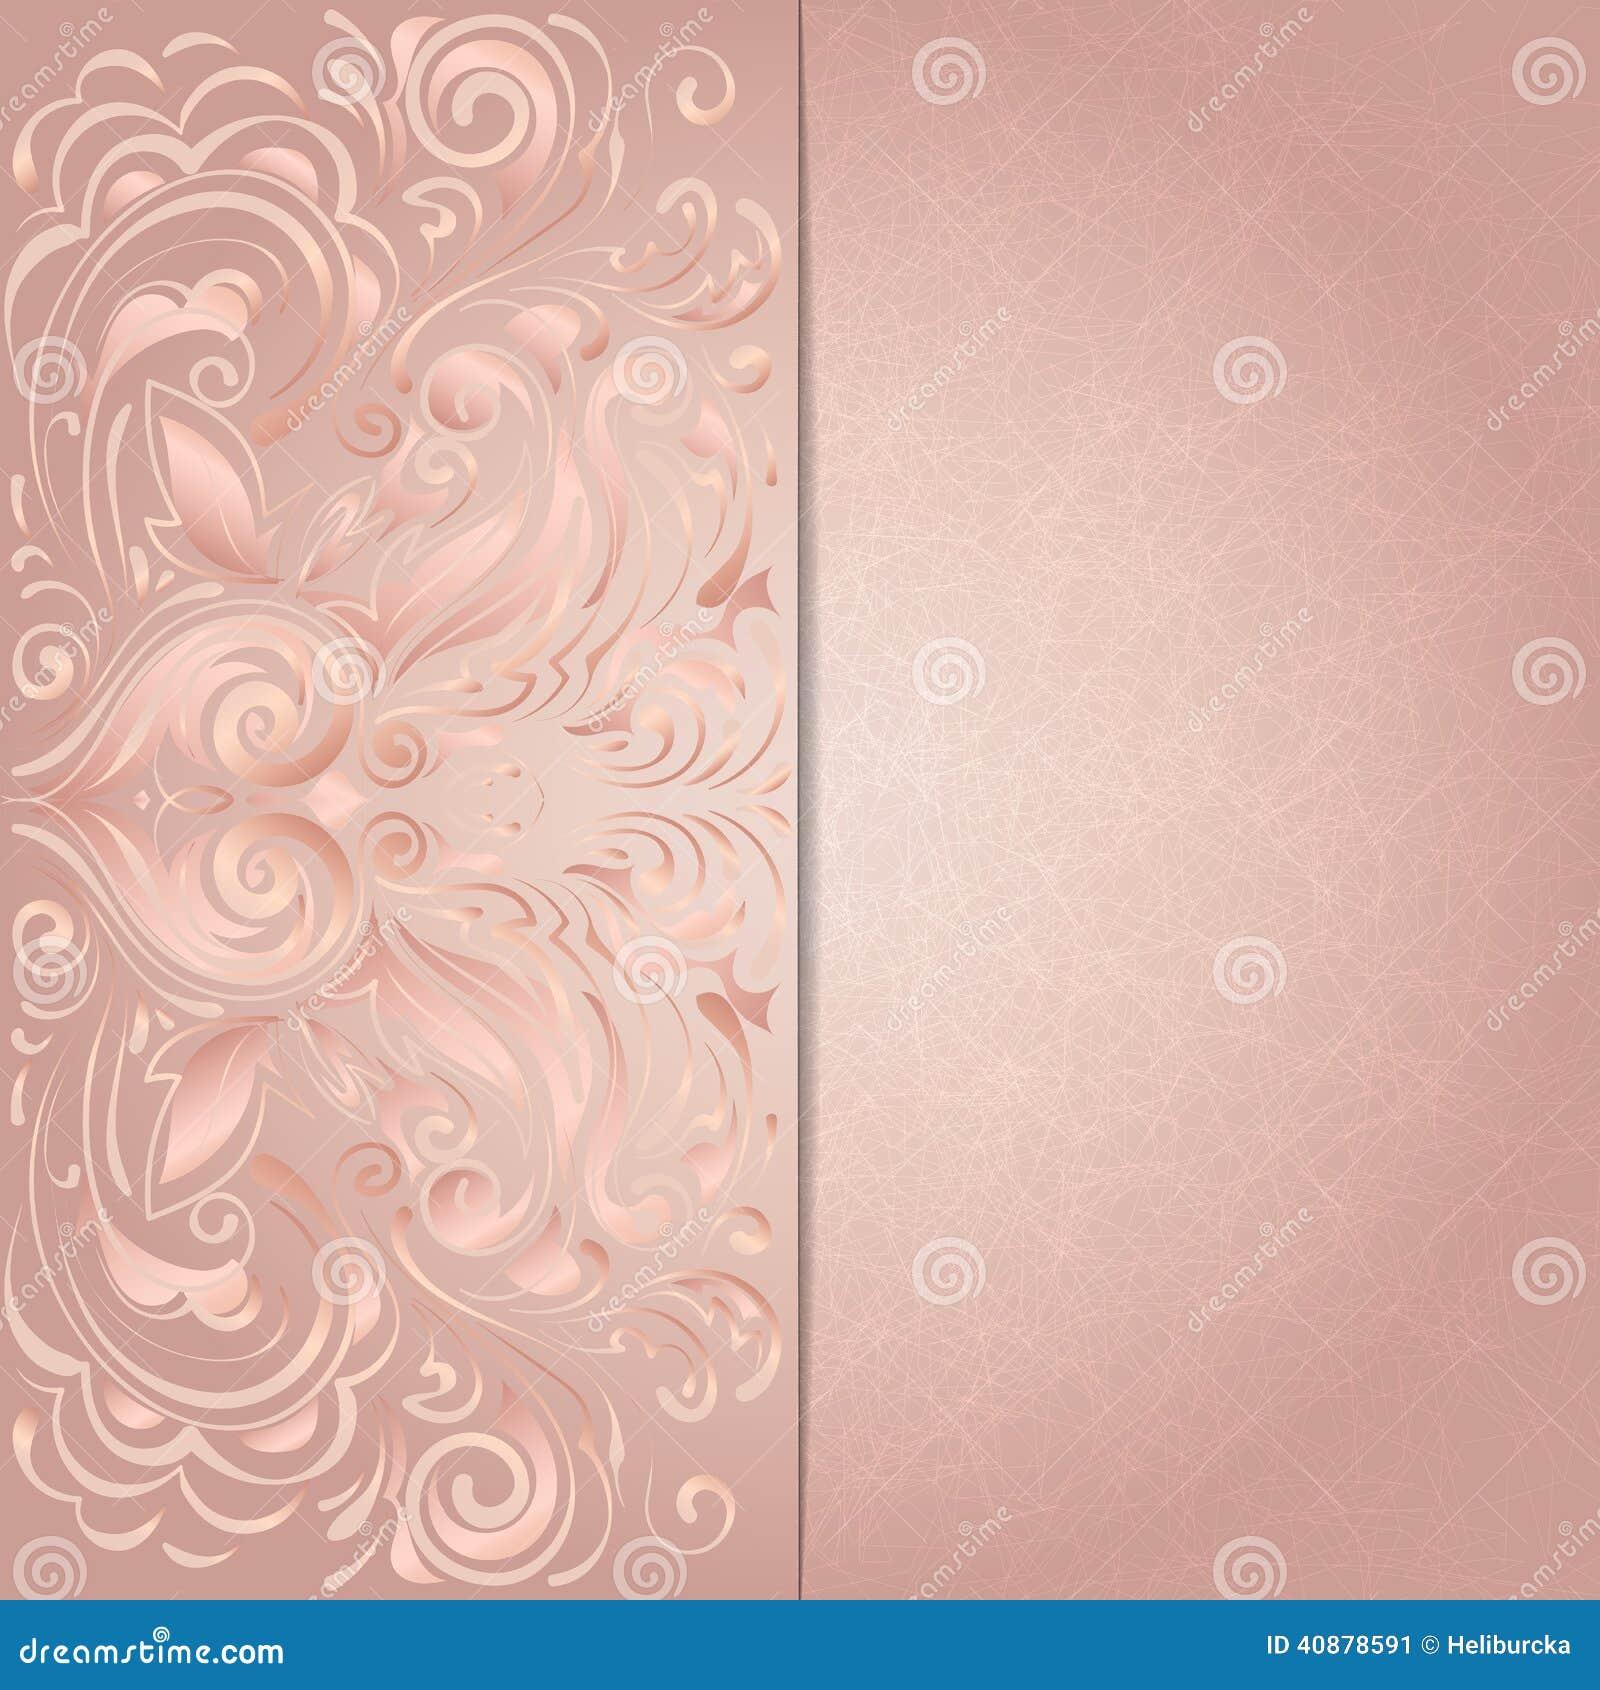 Fundo Para O Convite Com Teste Padrão Floral Cor De Rosa Ilustração